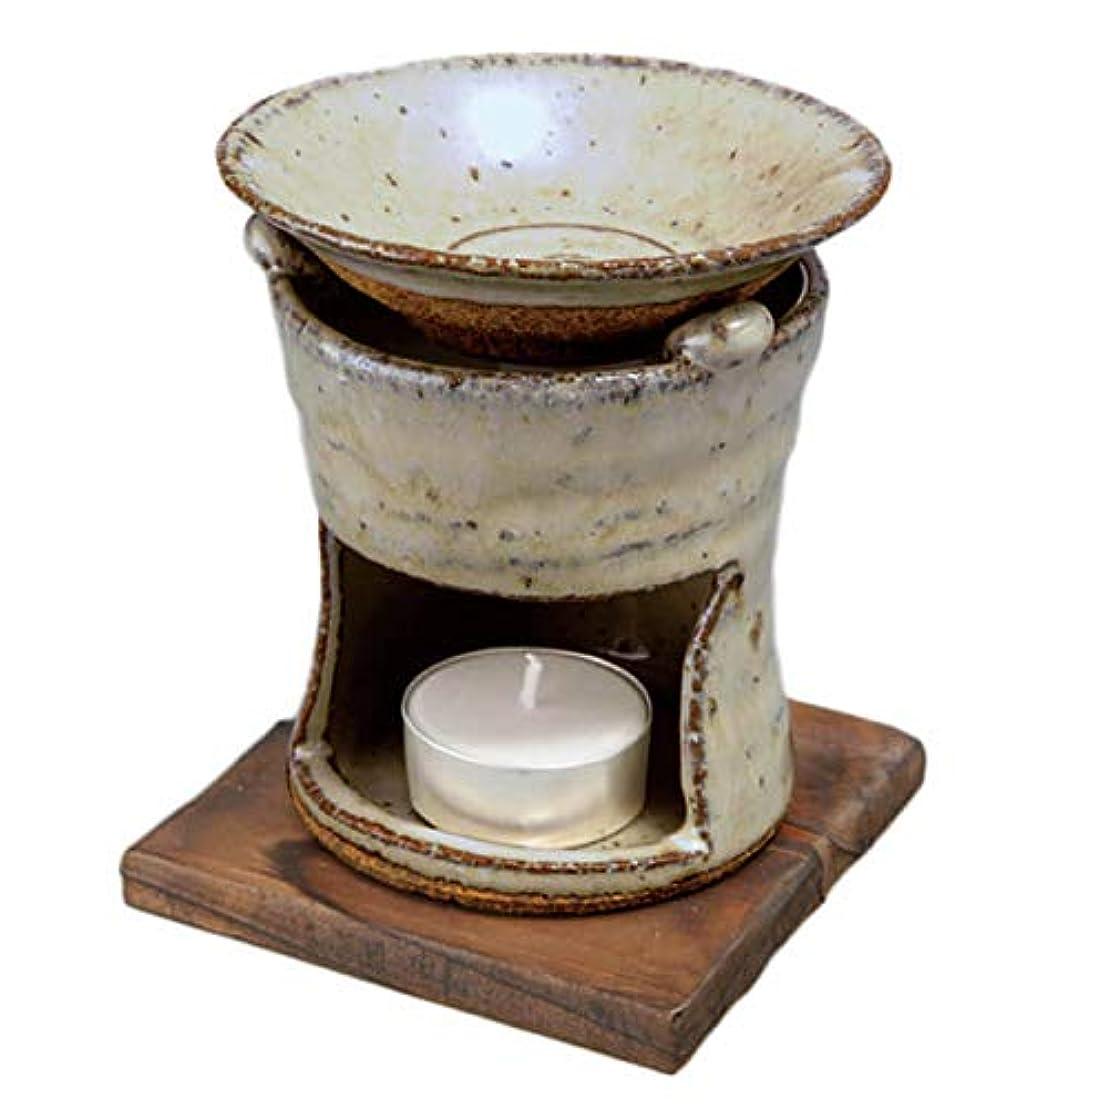 記者顧問極地手造り 茶香炉/茶香炉 伊良保/アロマ 癒やし リラックス インテリア 間接照明